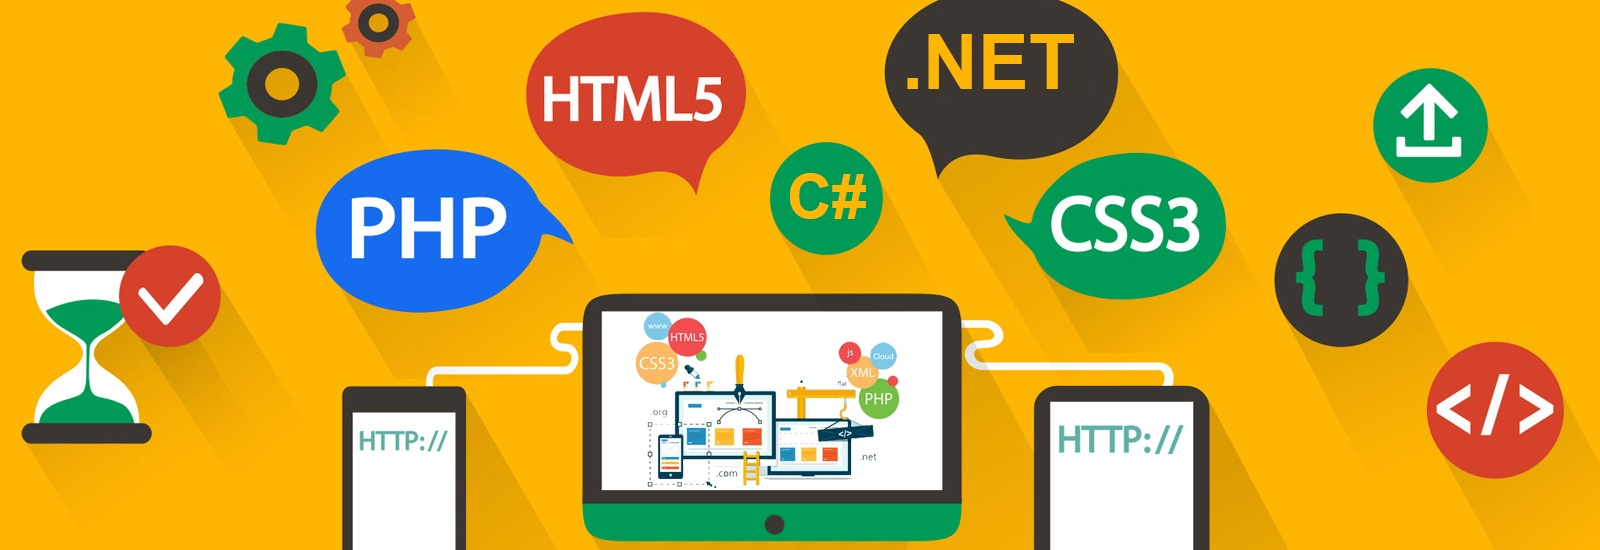 Пятничные вебинары от Skillbox: все для начинающих разработчиков - 1